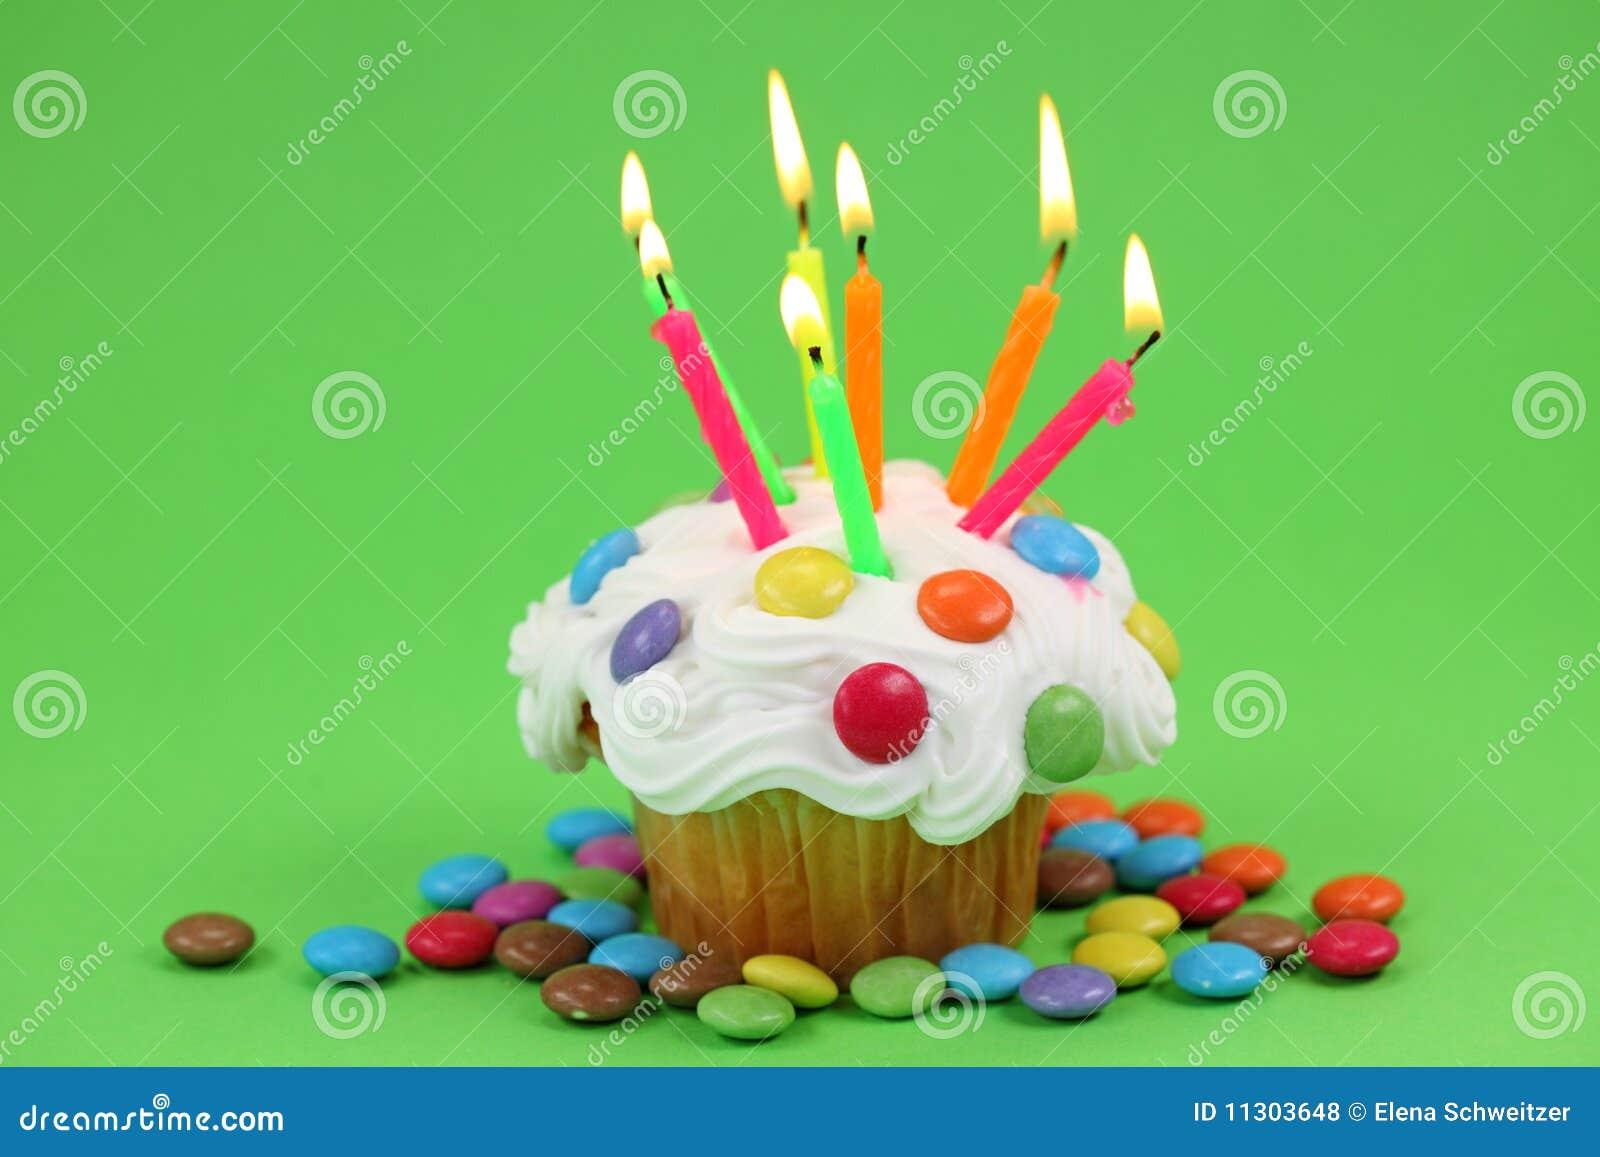 Geburtstagkuchen